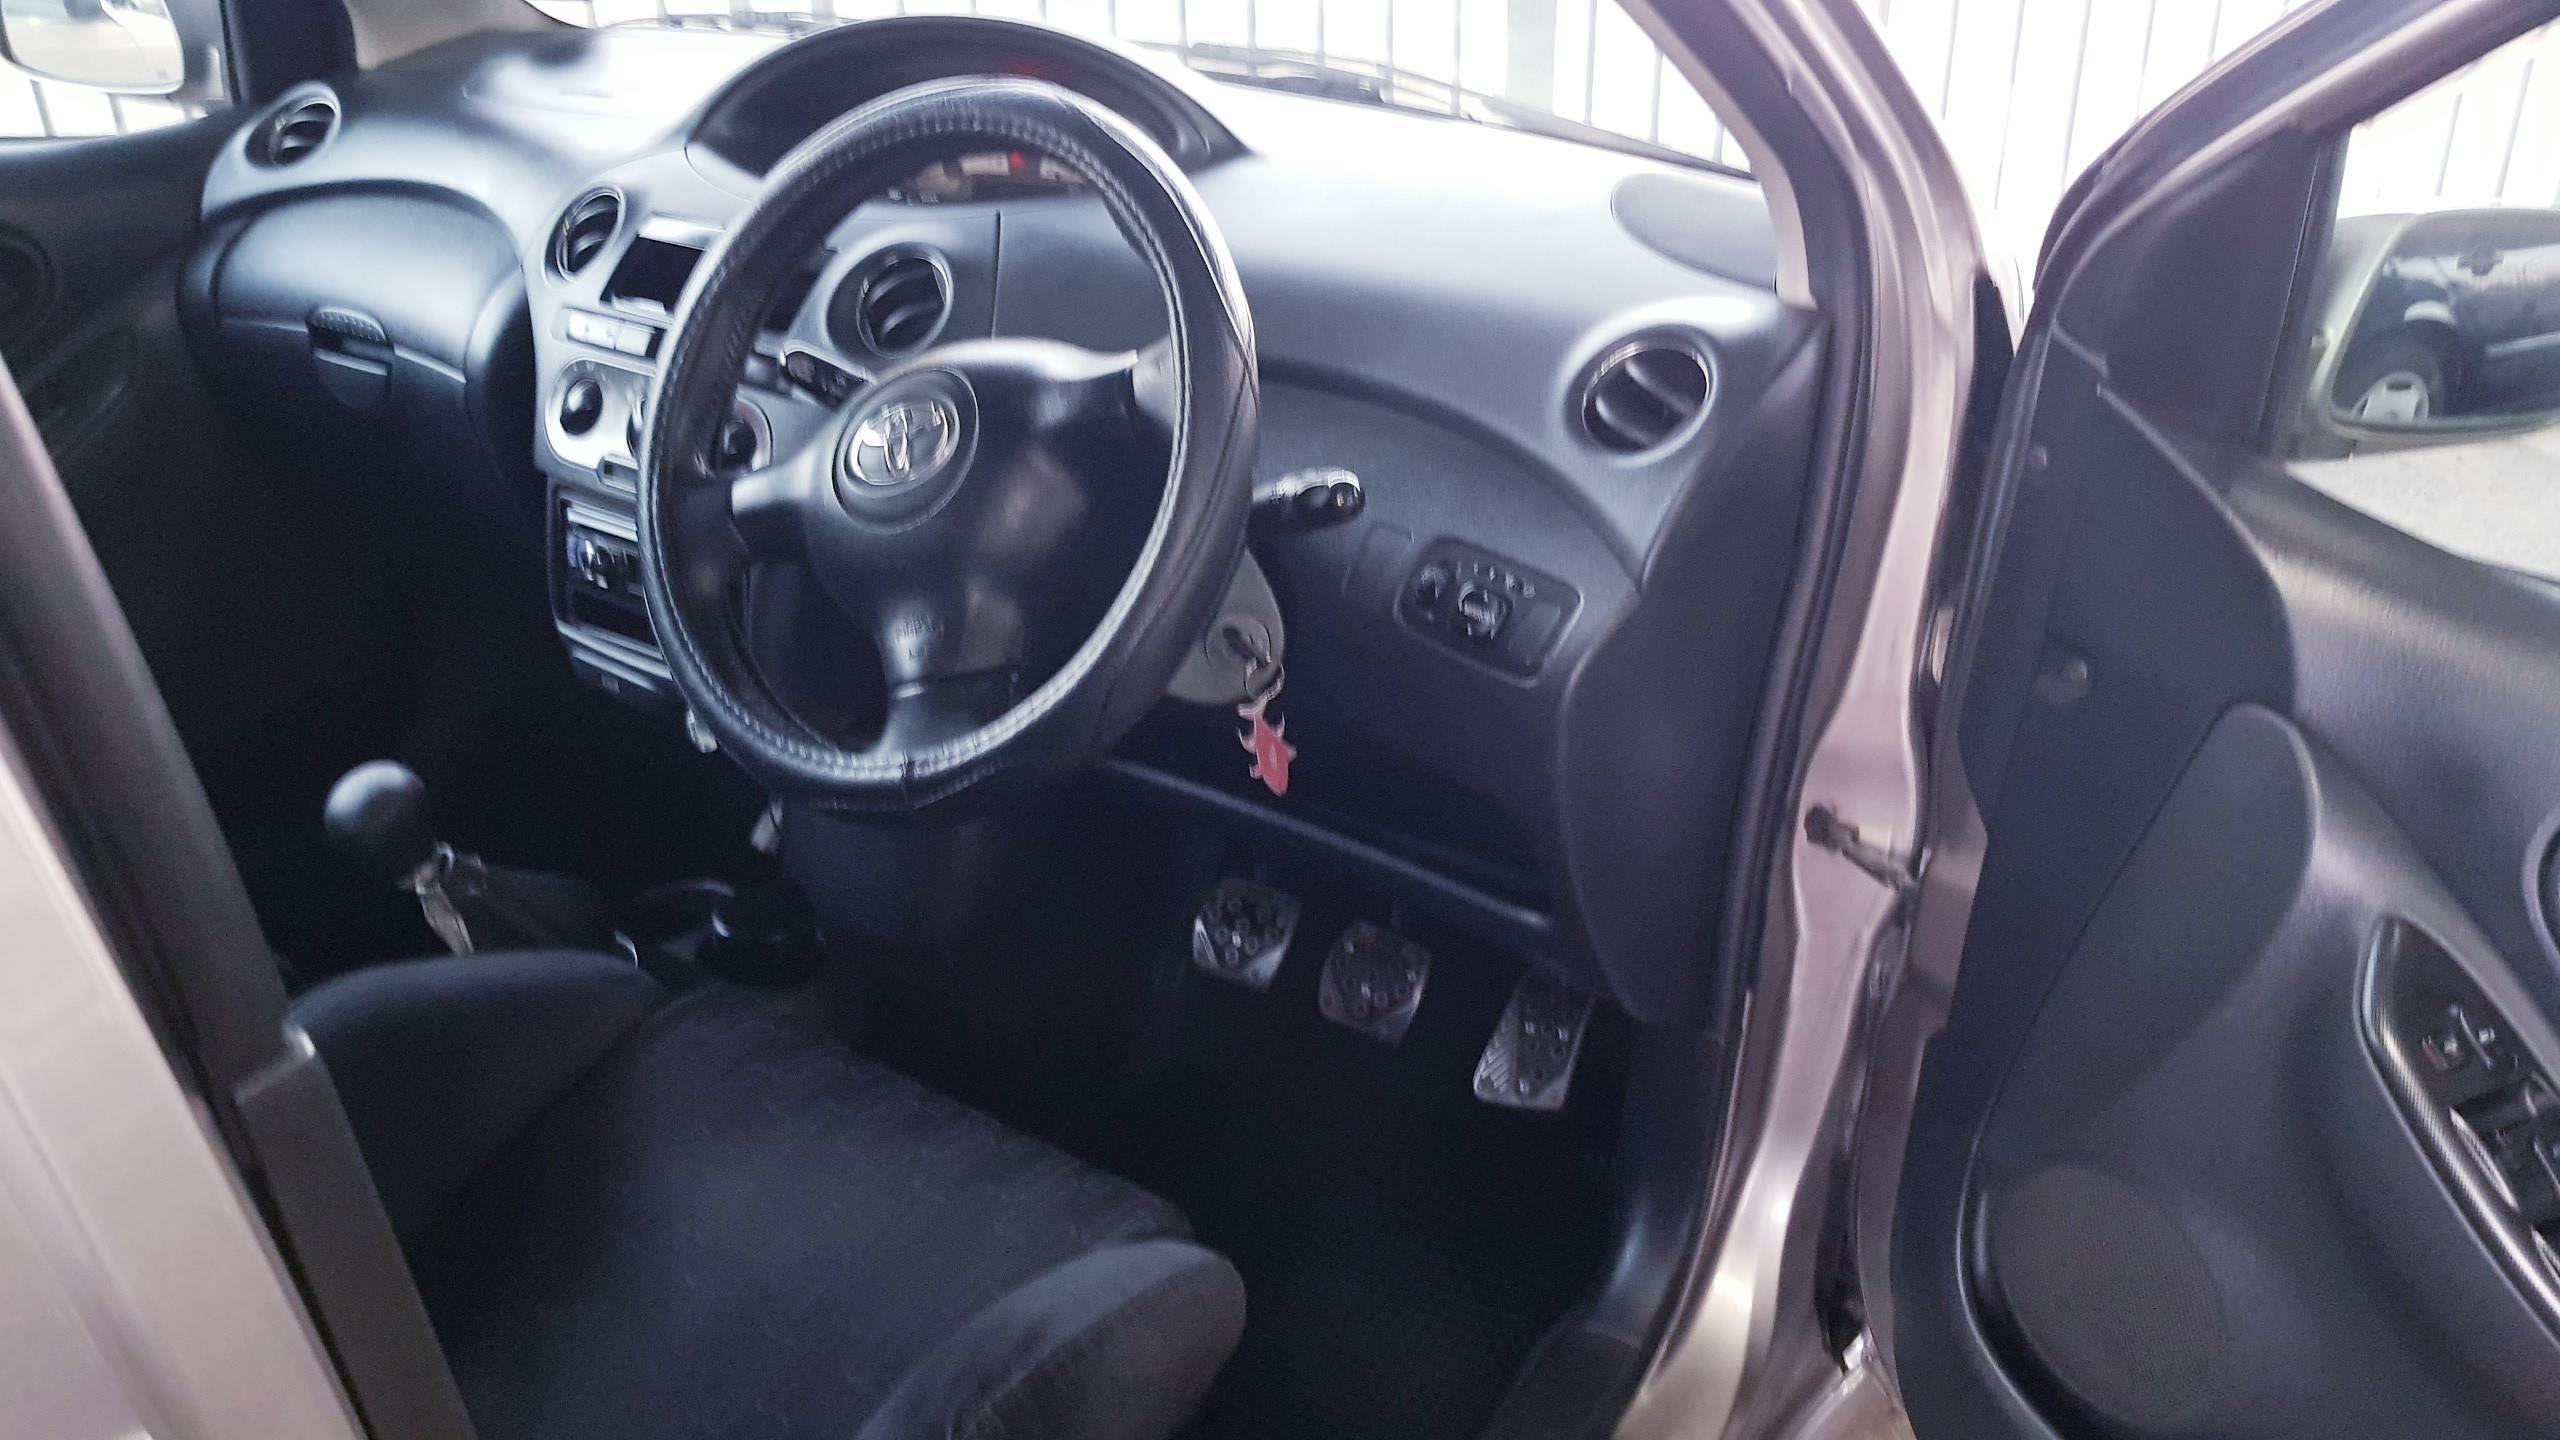 Toyota Vitz Light Grey 07